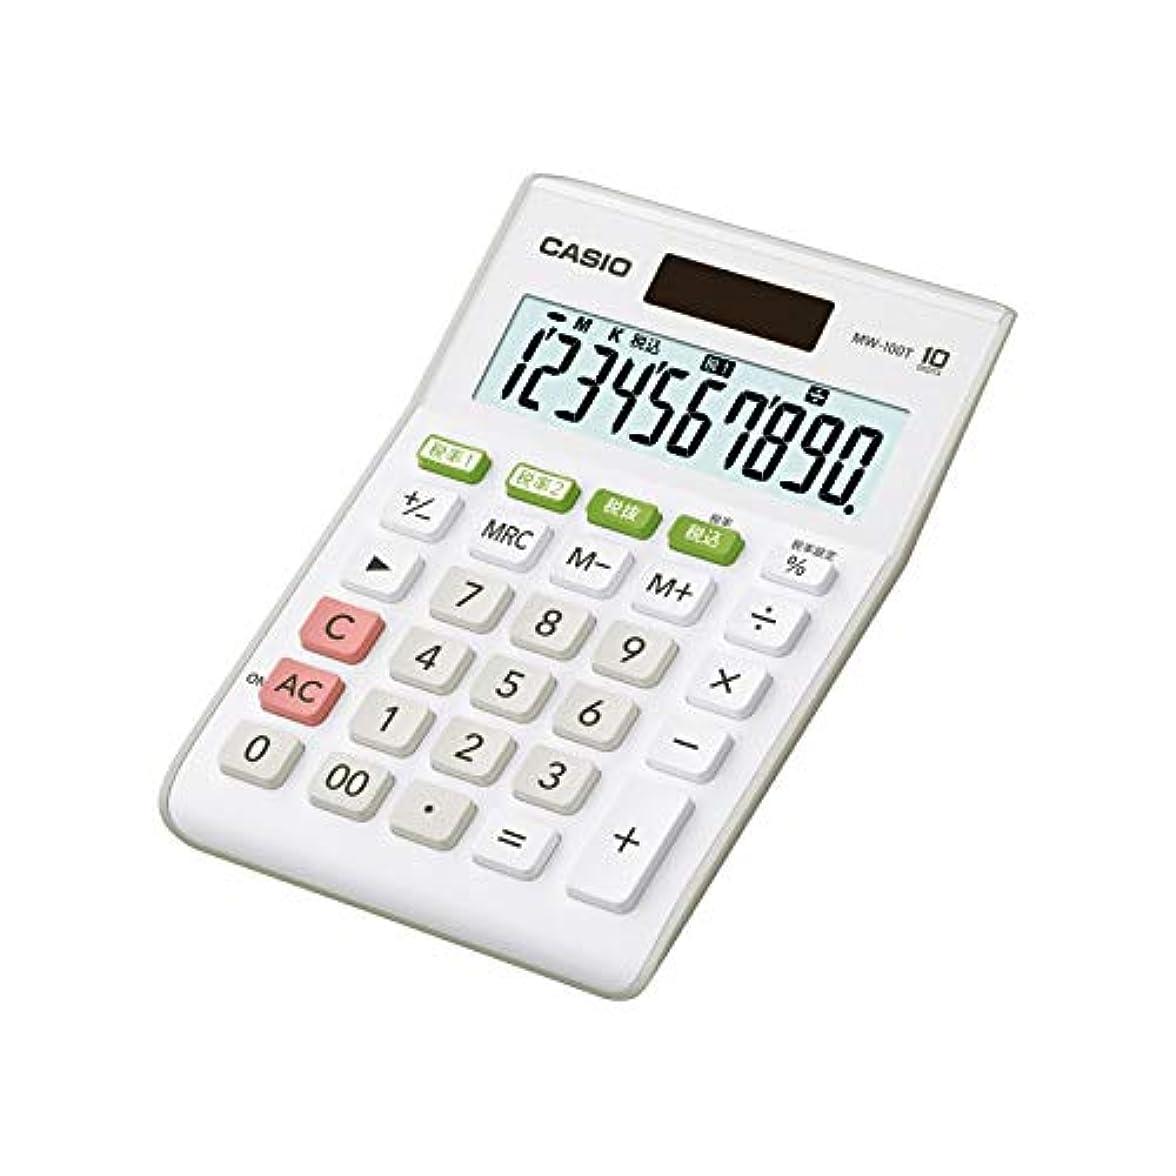 カシオ W税率計算電卓ミニジャストタイプ ホワイト MW-100TWE 【電卓 カシオ 小型 うちやすい 税率計算】